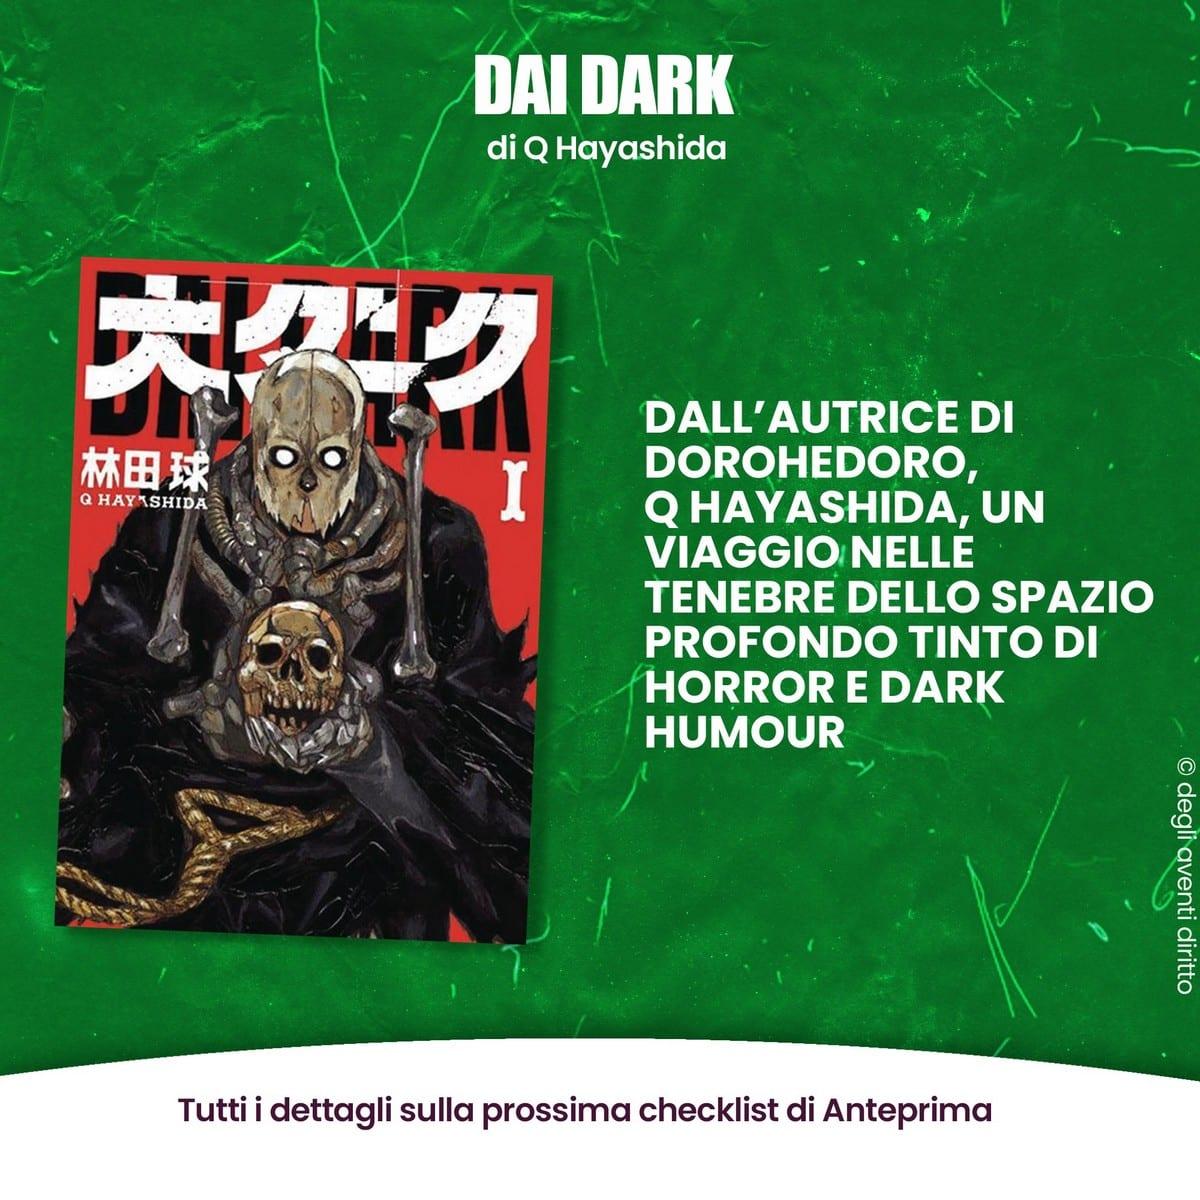 planet manga dai dark